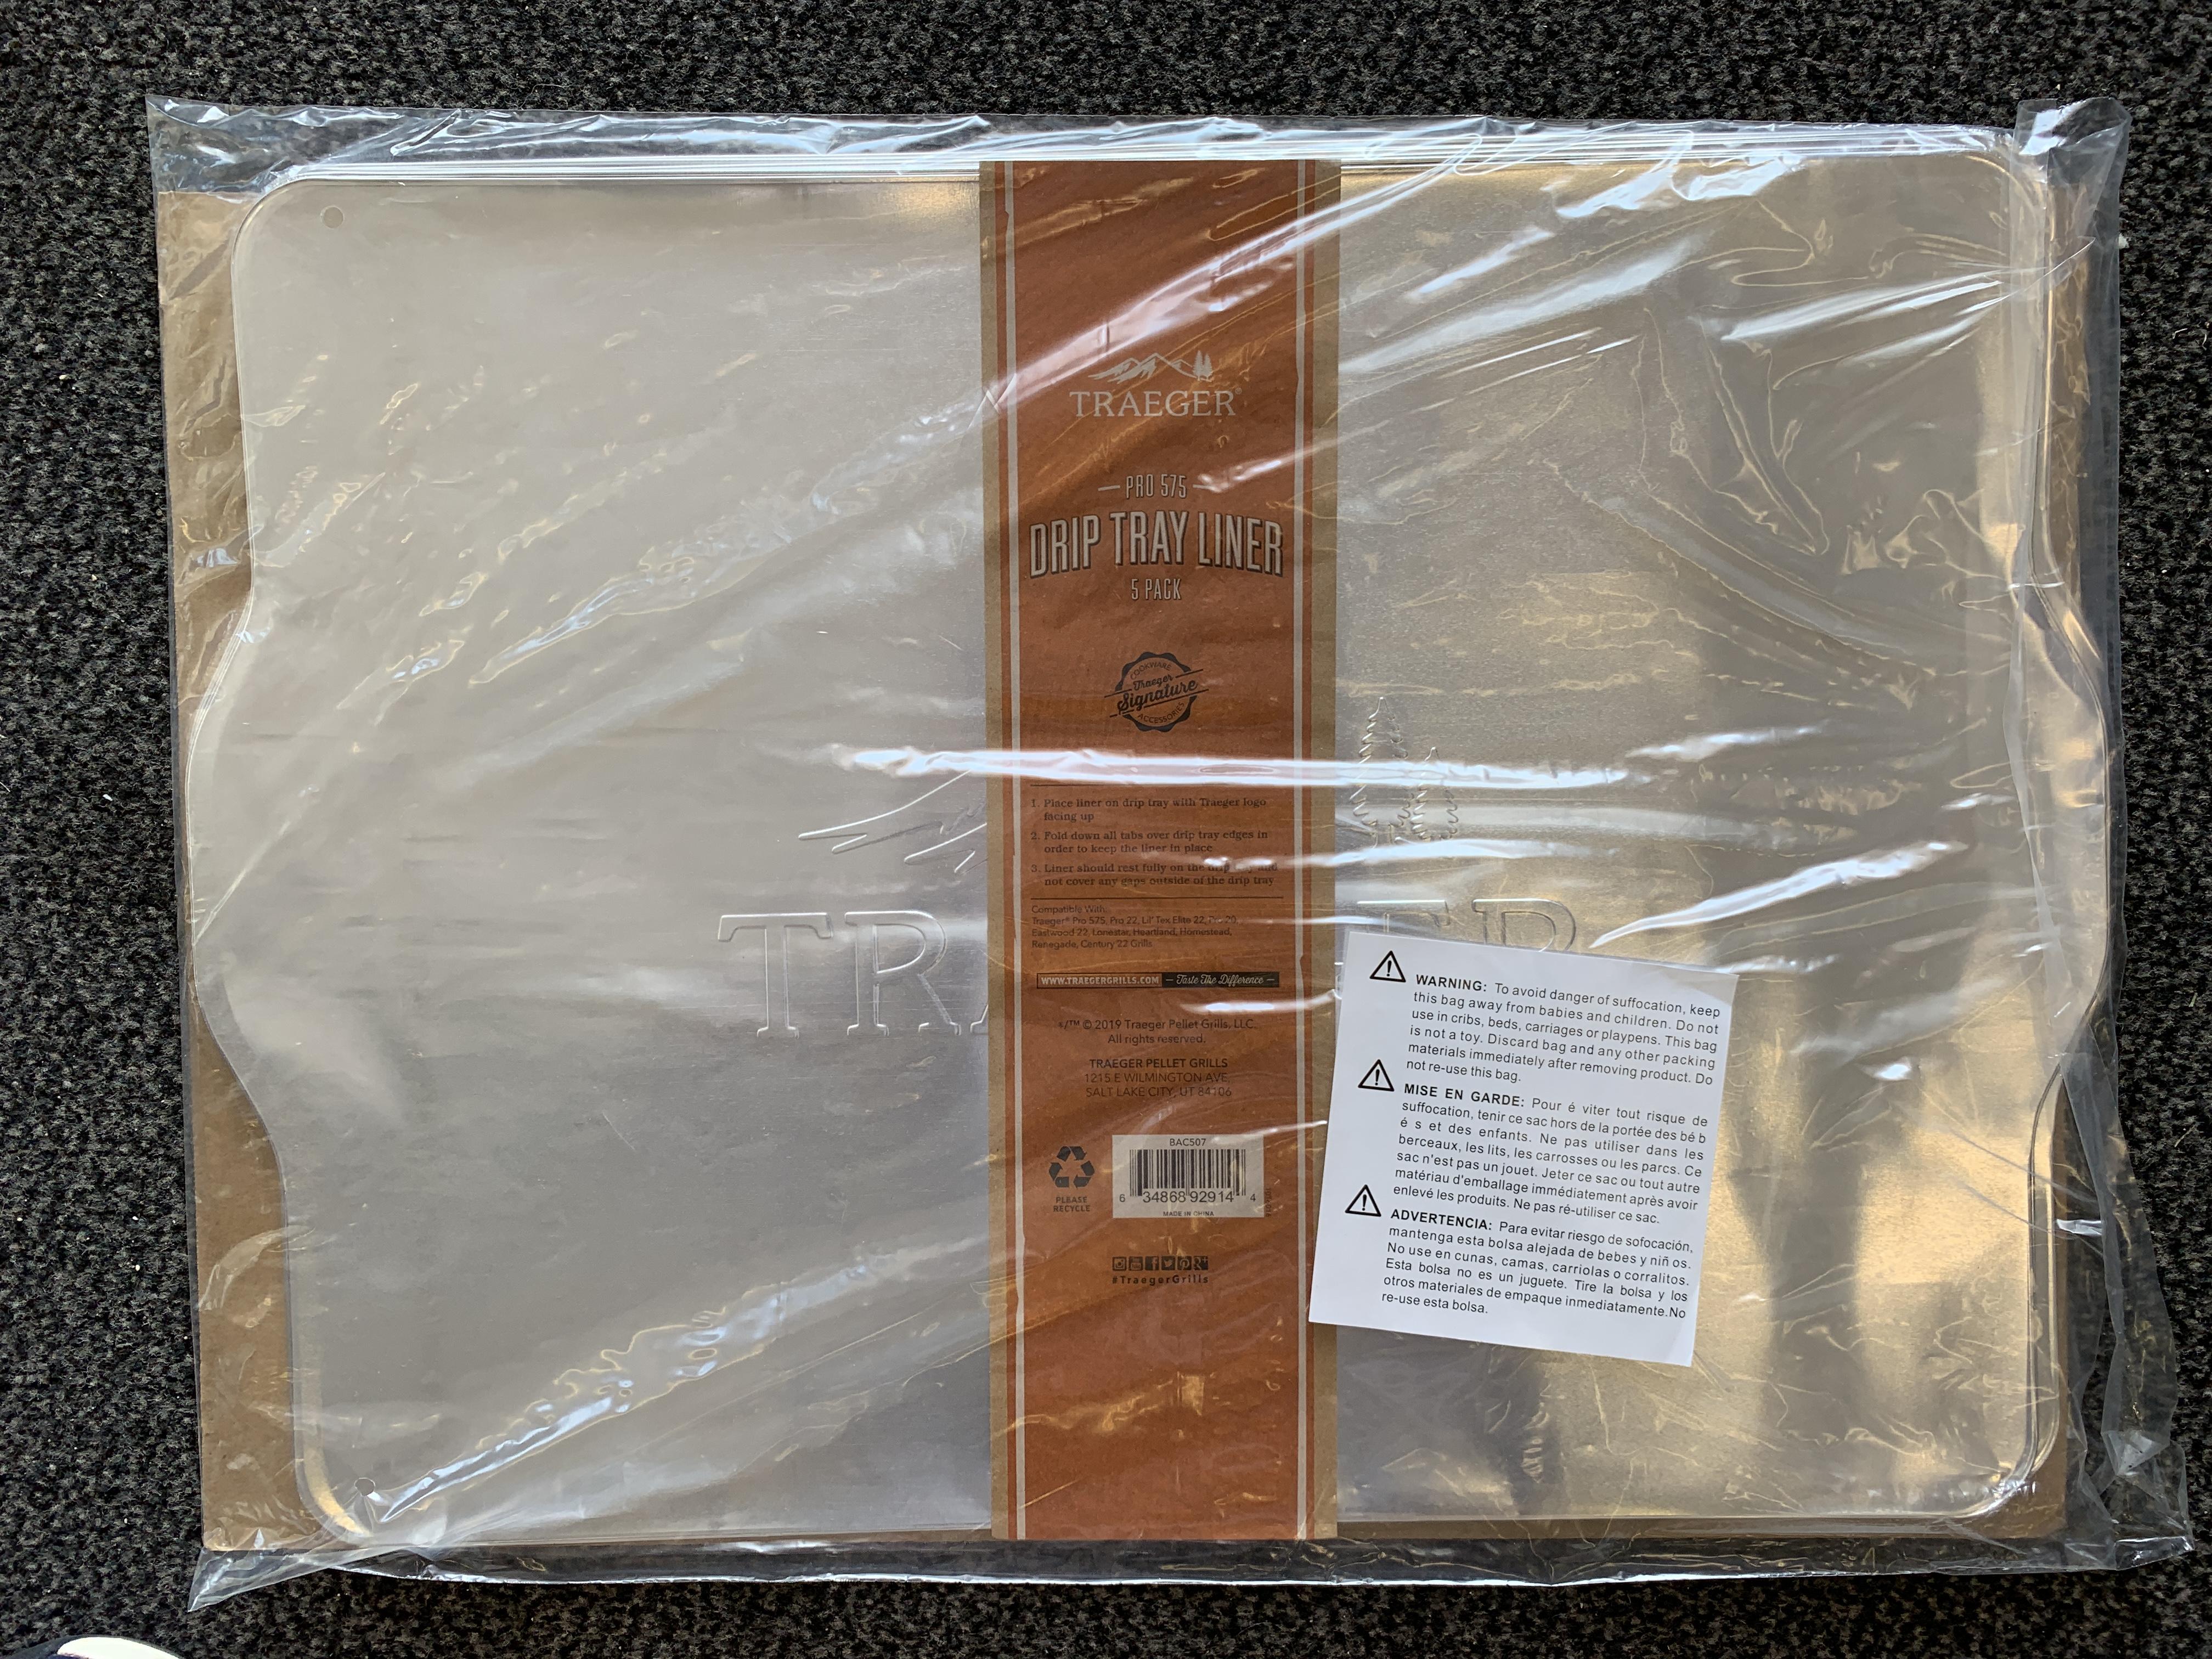 Traeger Ablaufblech-Schutzfolie für Pro 575 - 5 Pack